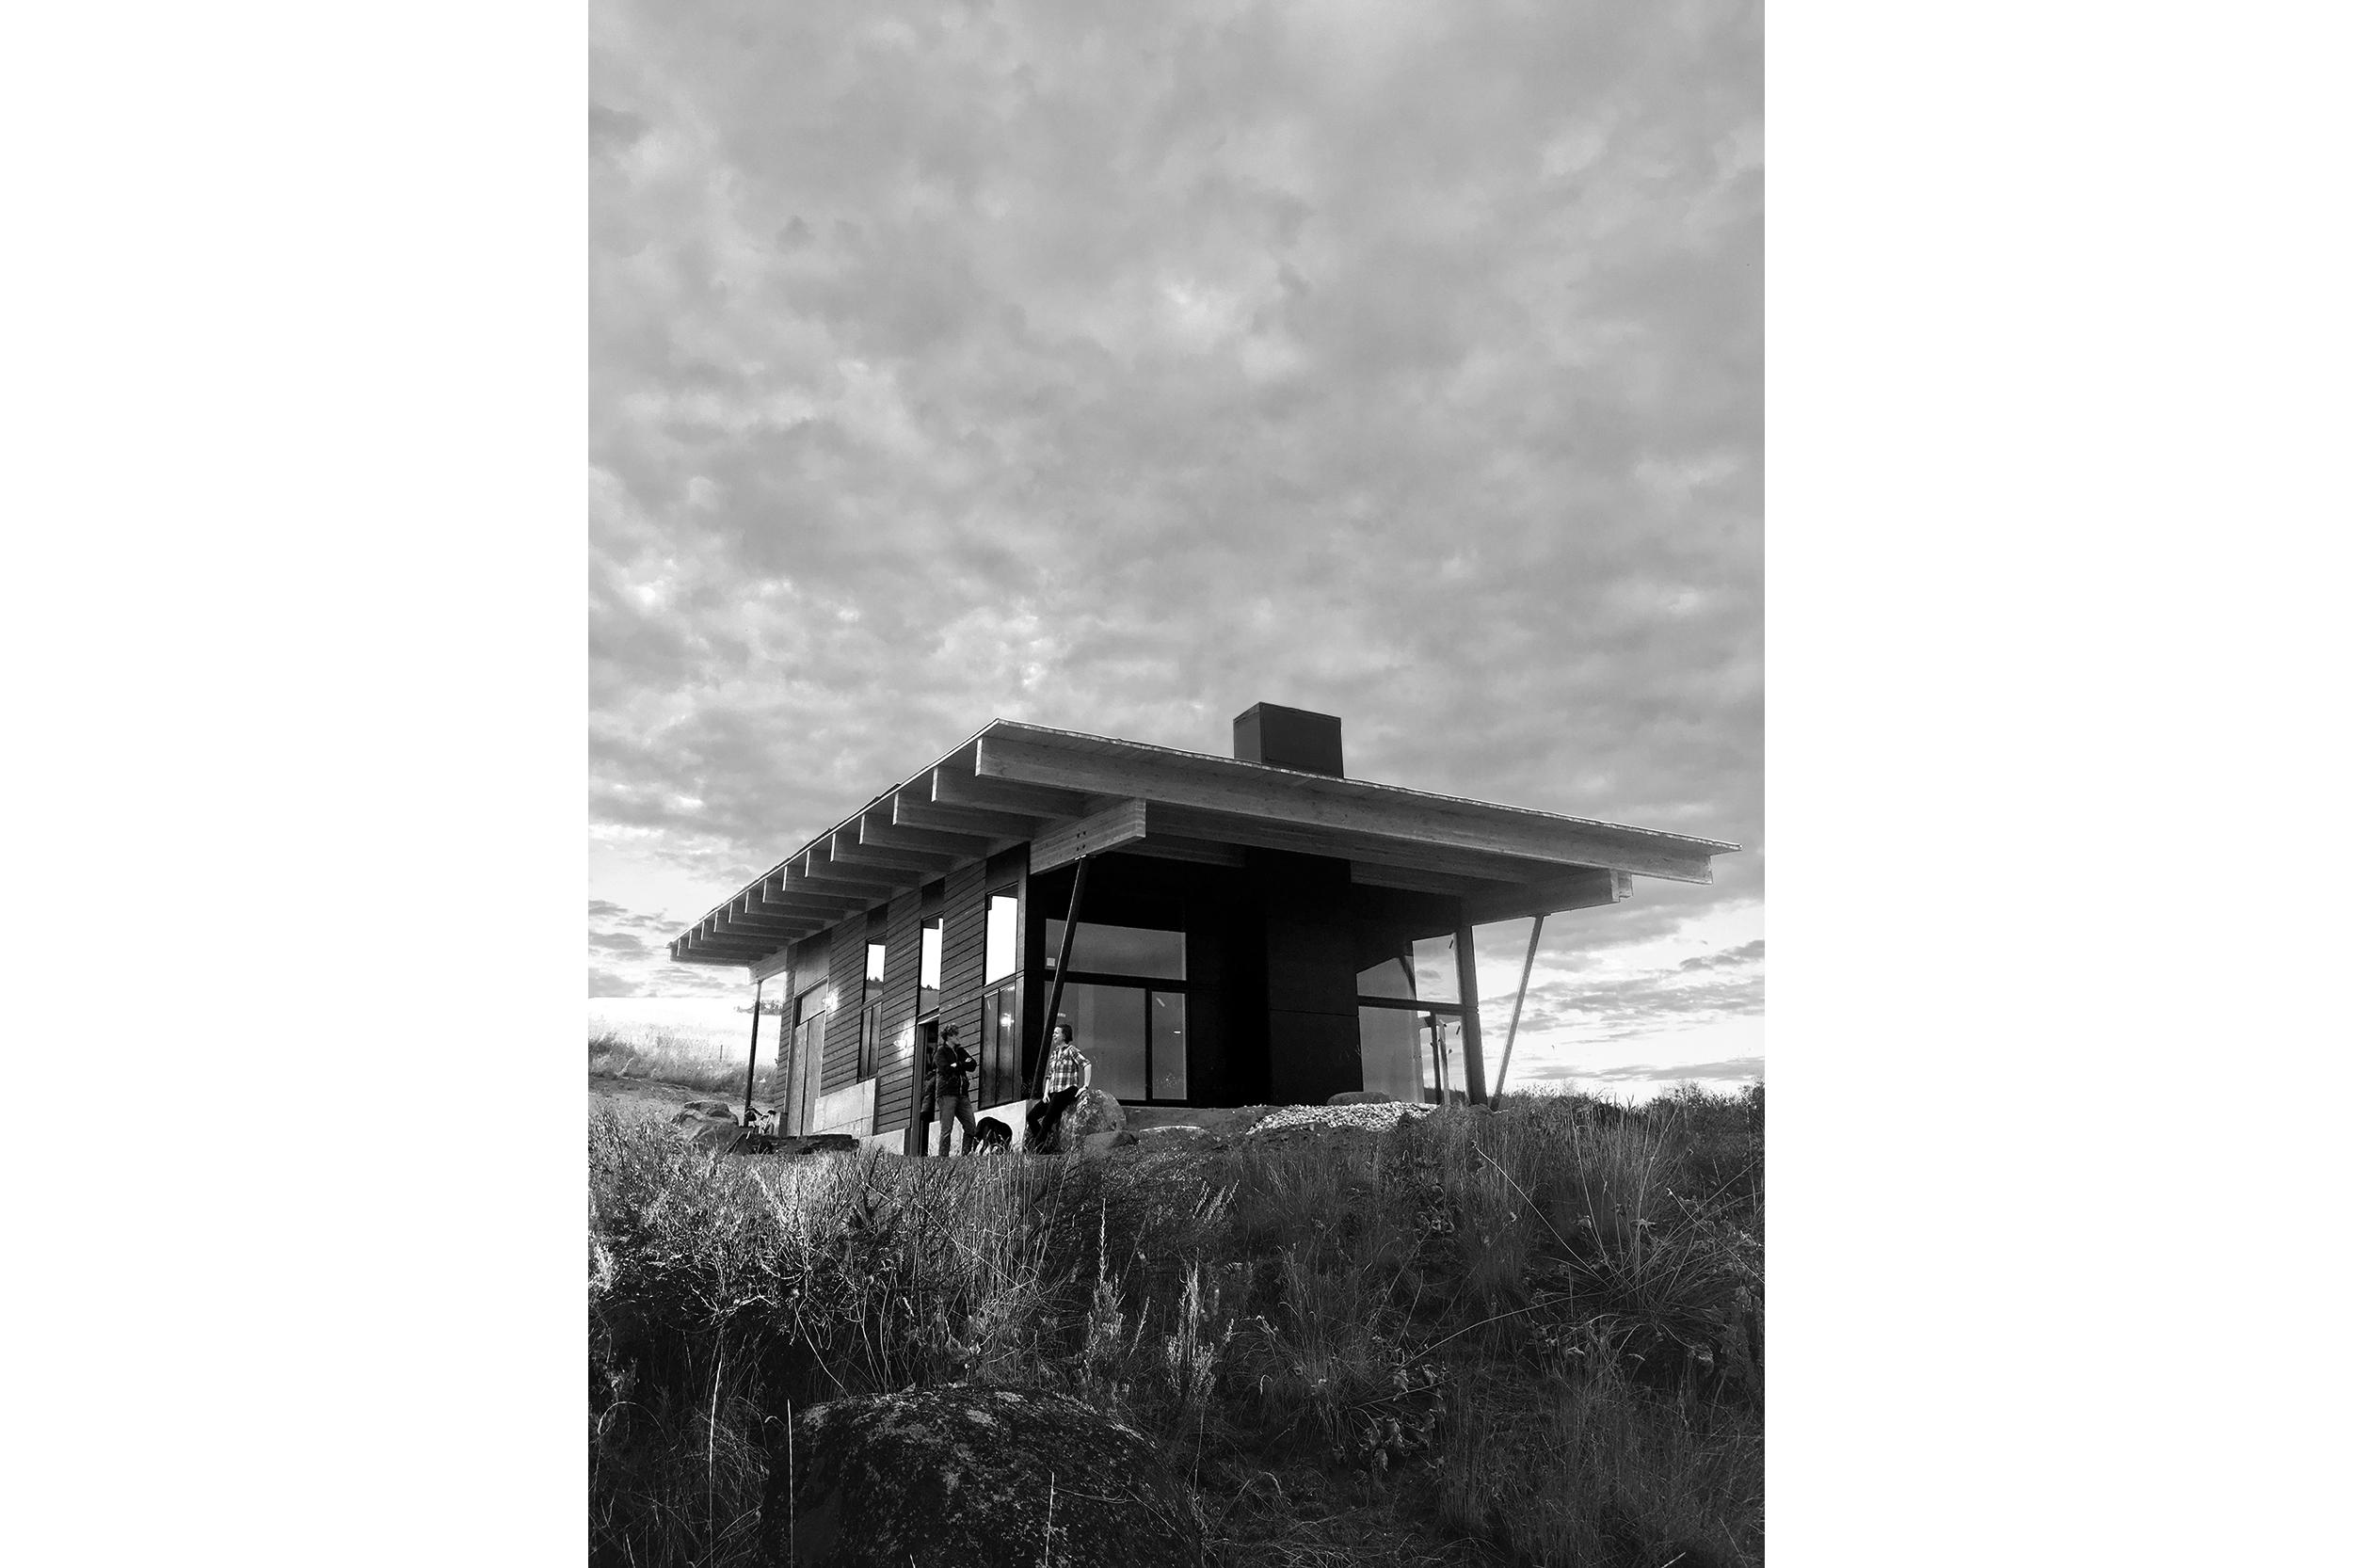 goCstudio_Twisp Cabin_bw construction_1.jpg